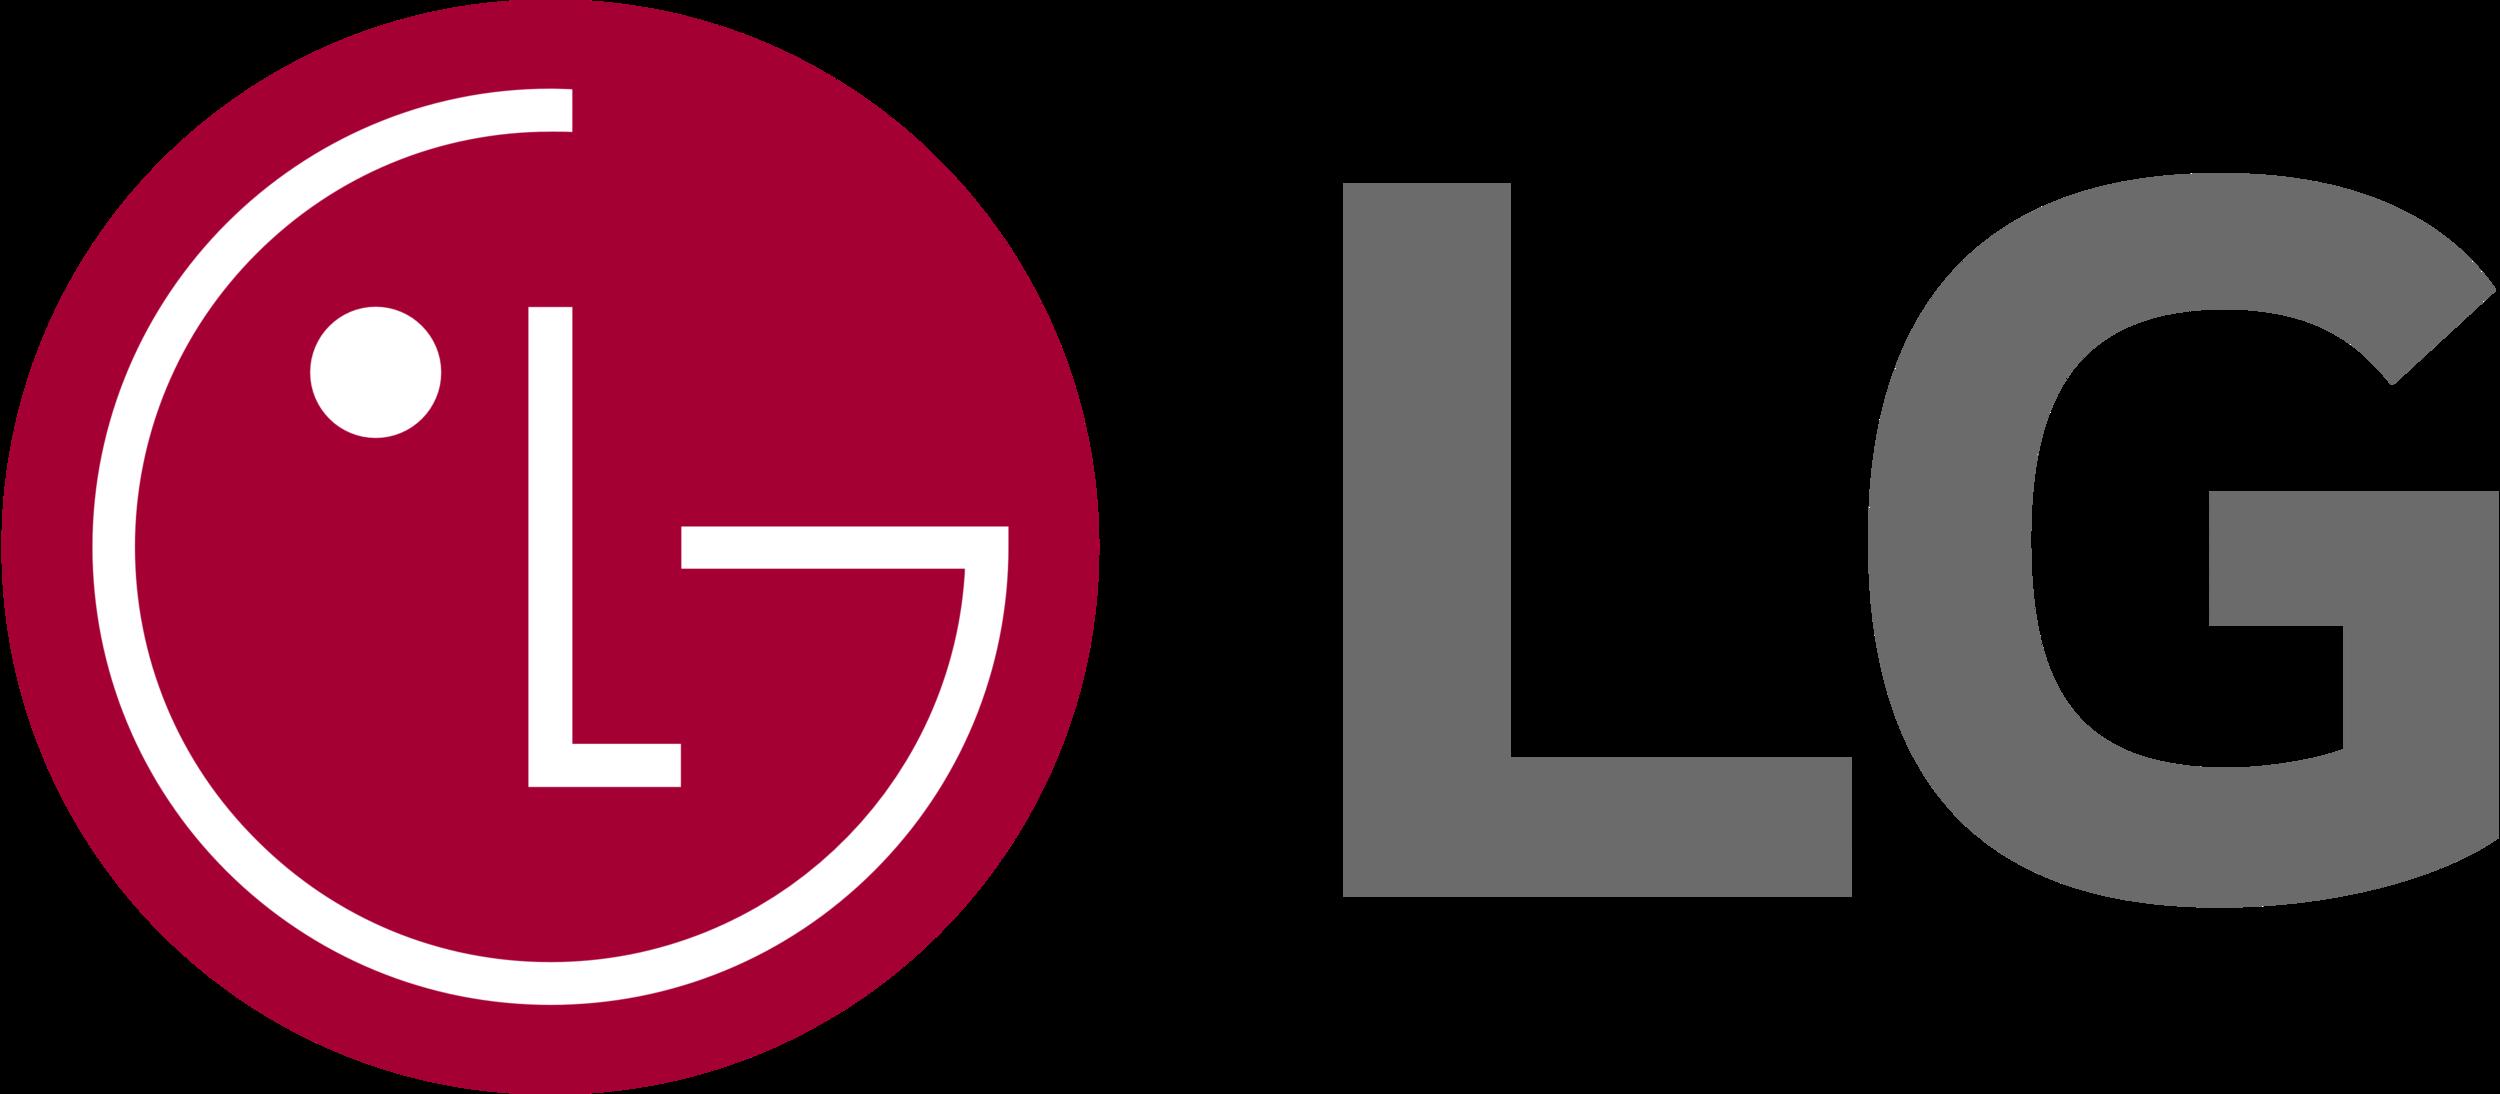 LG_logo_logotype_emblem.png